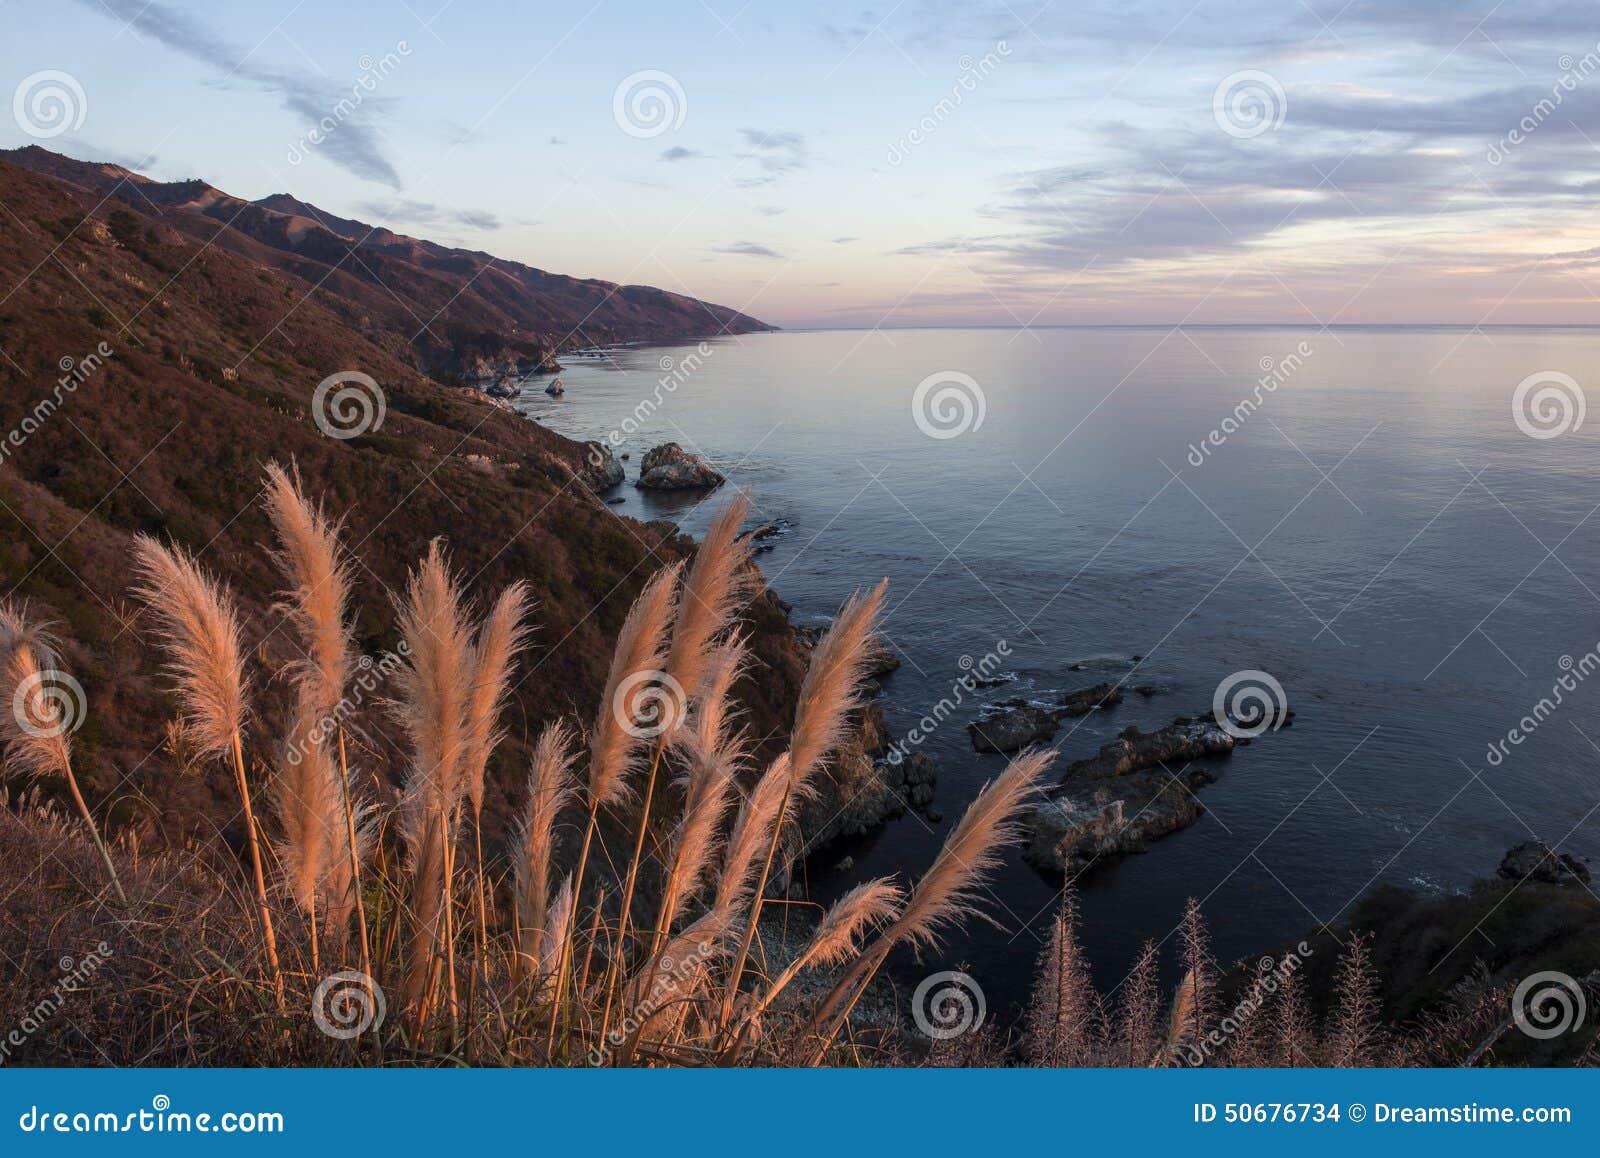 Download 沿大瑟尔海岸线的蒲苇在日落 库存照片. 图片 包括有 重婚, 和平, 平静, 海岸线, 海洋, 原野, 海岸 - 50676734